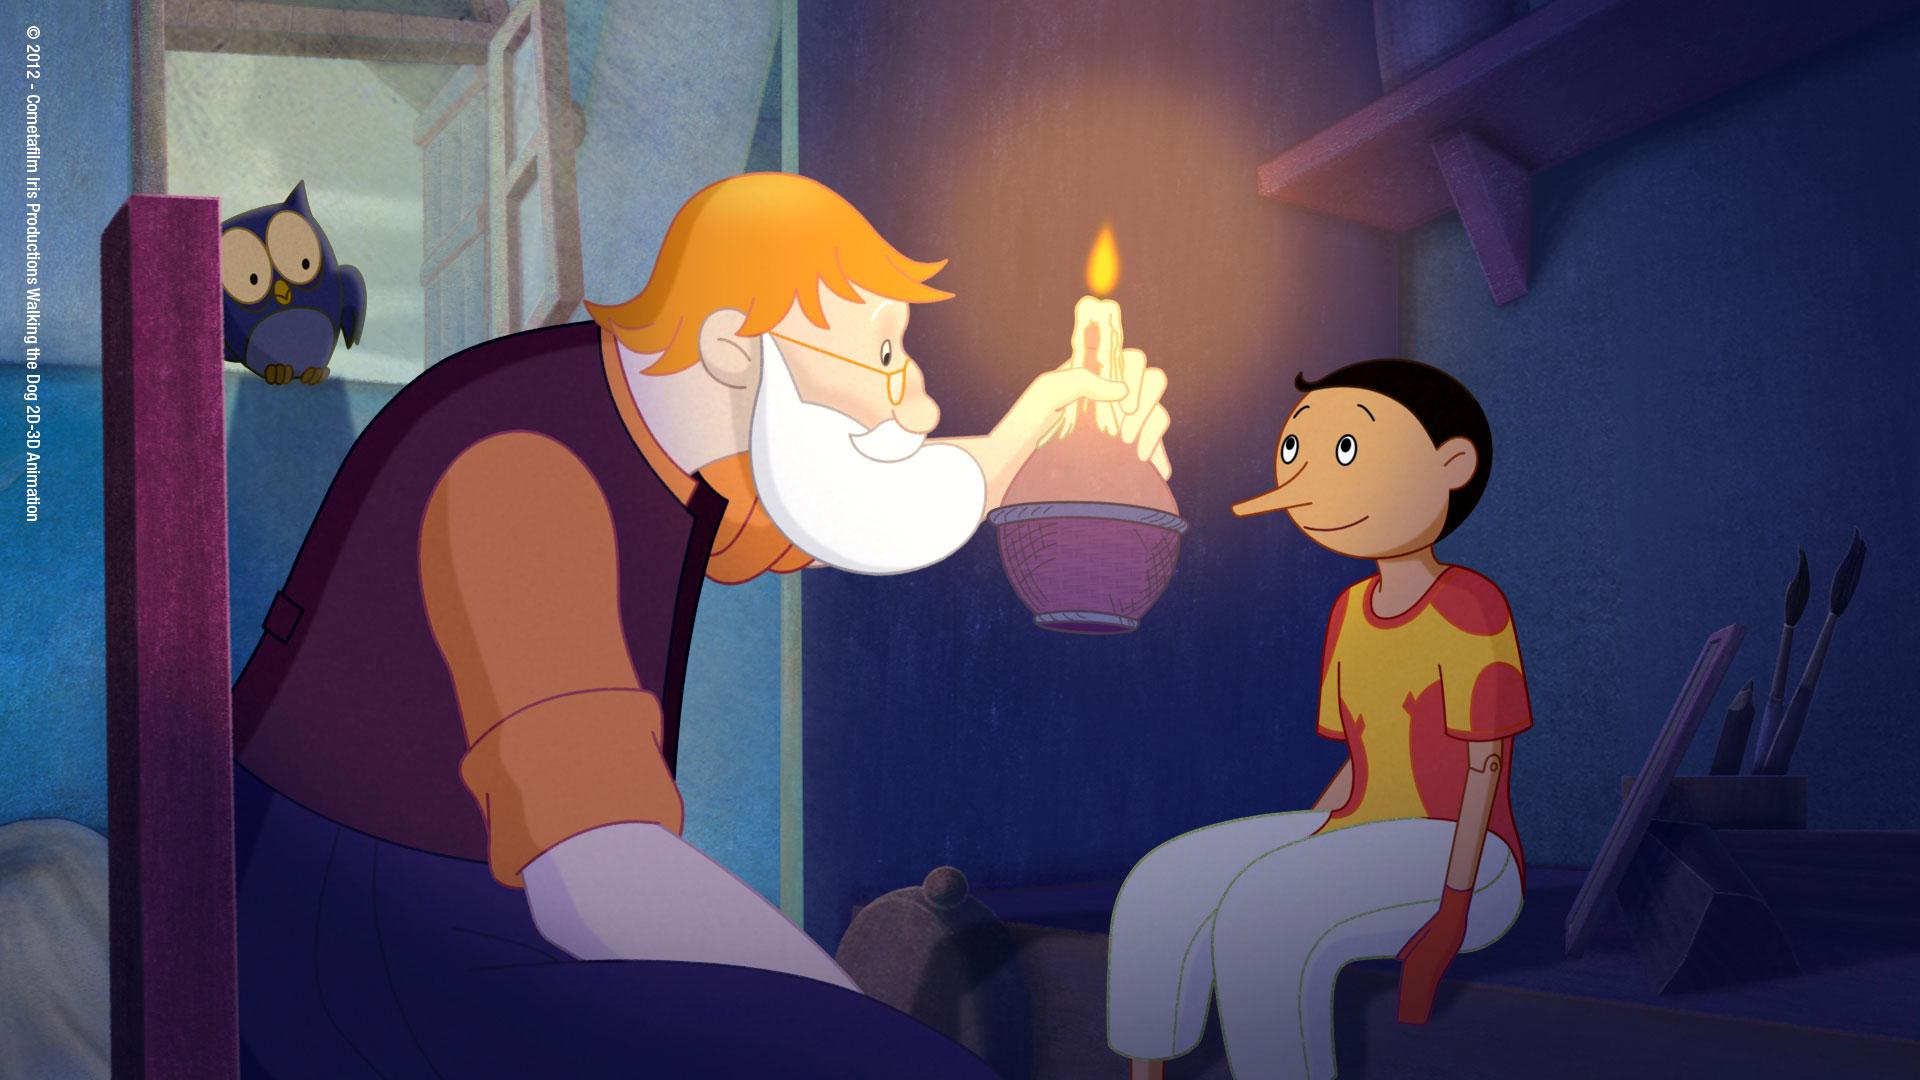 Pinokio W poranek Wielkanocny 27 marca